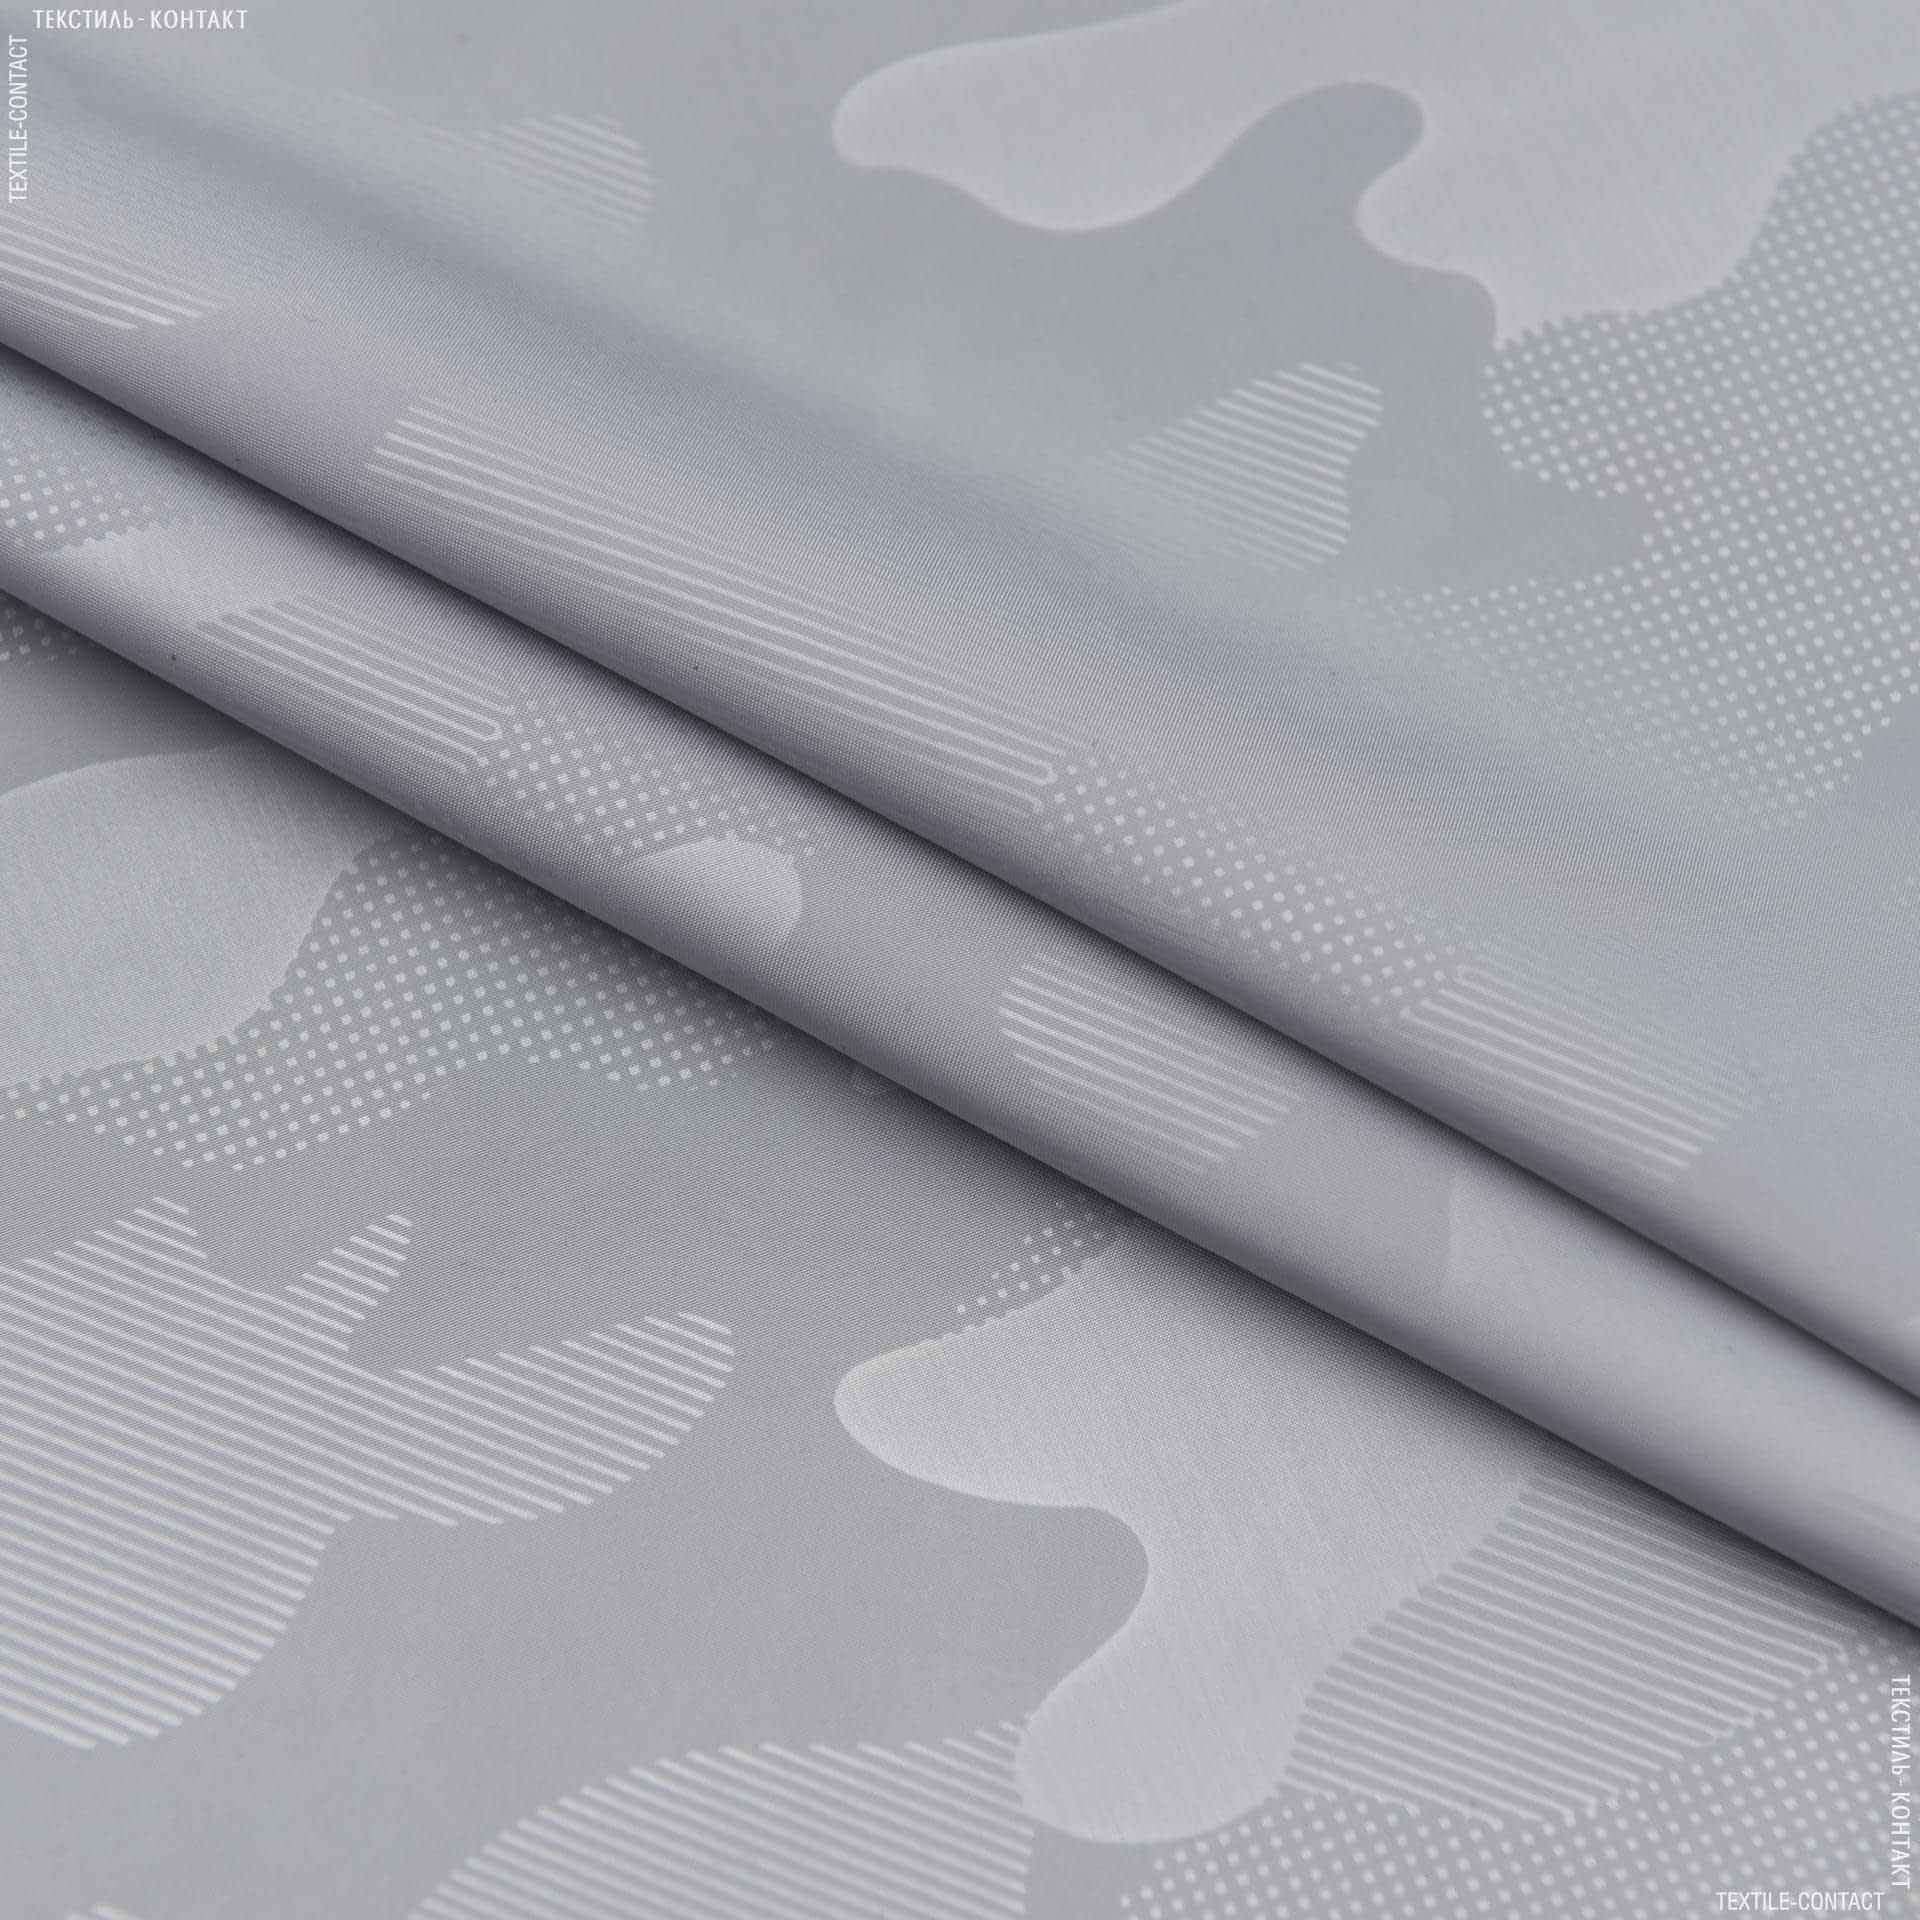 Ткани для верхней одежды - Плащевая термо-камуфляж светло-серый